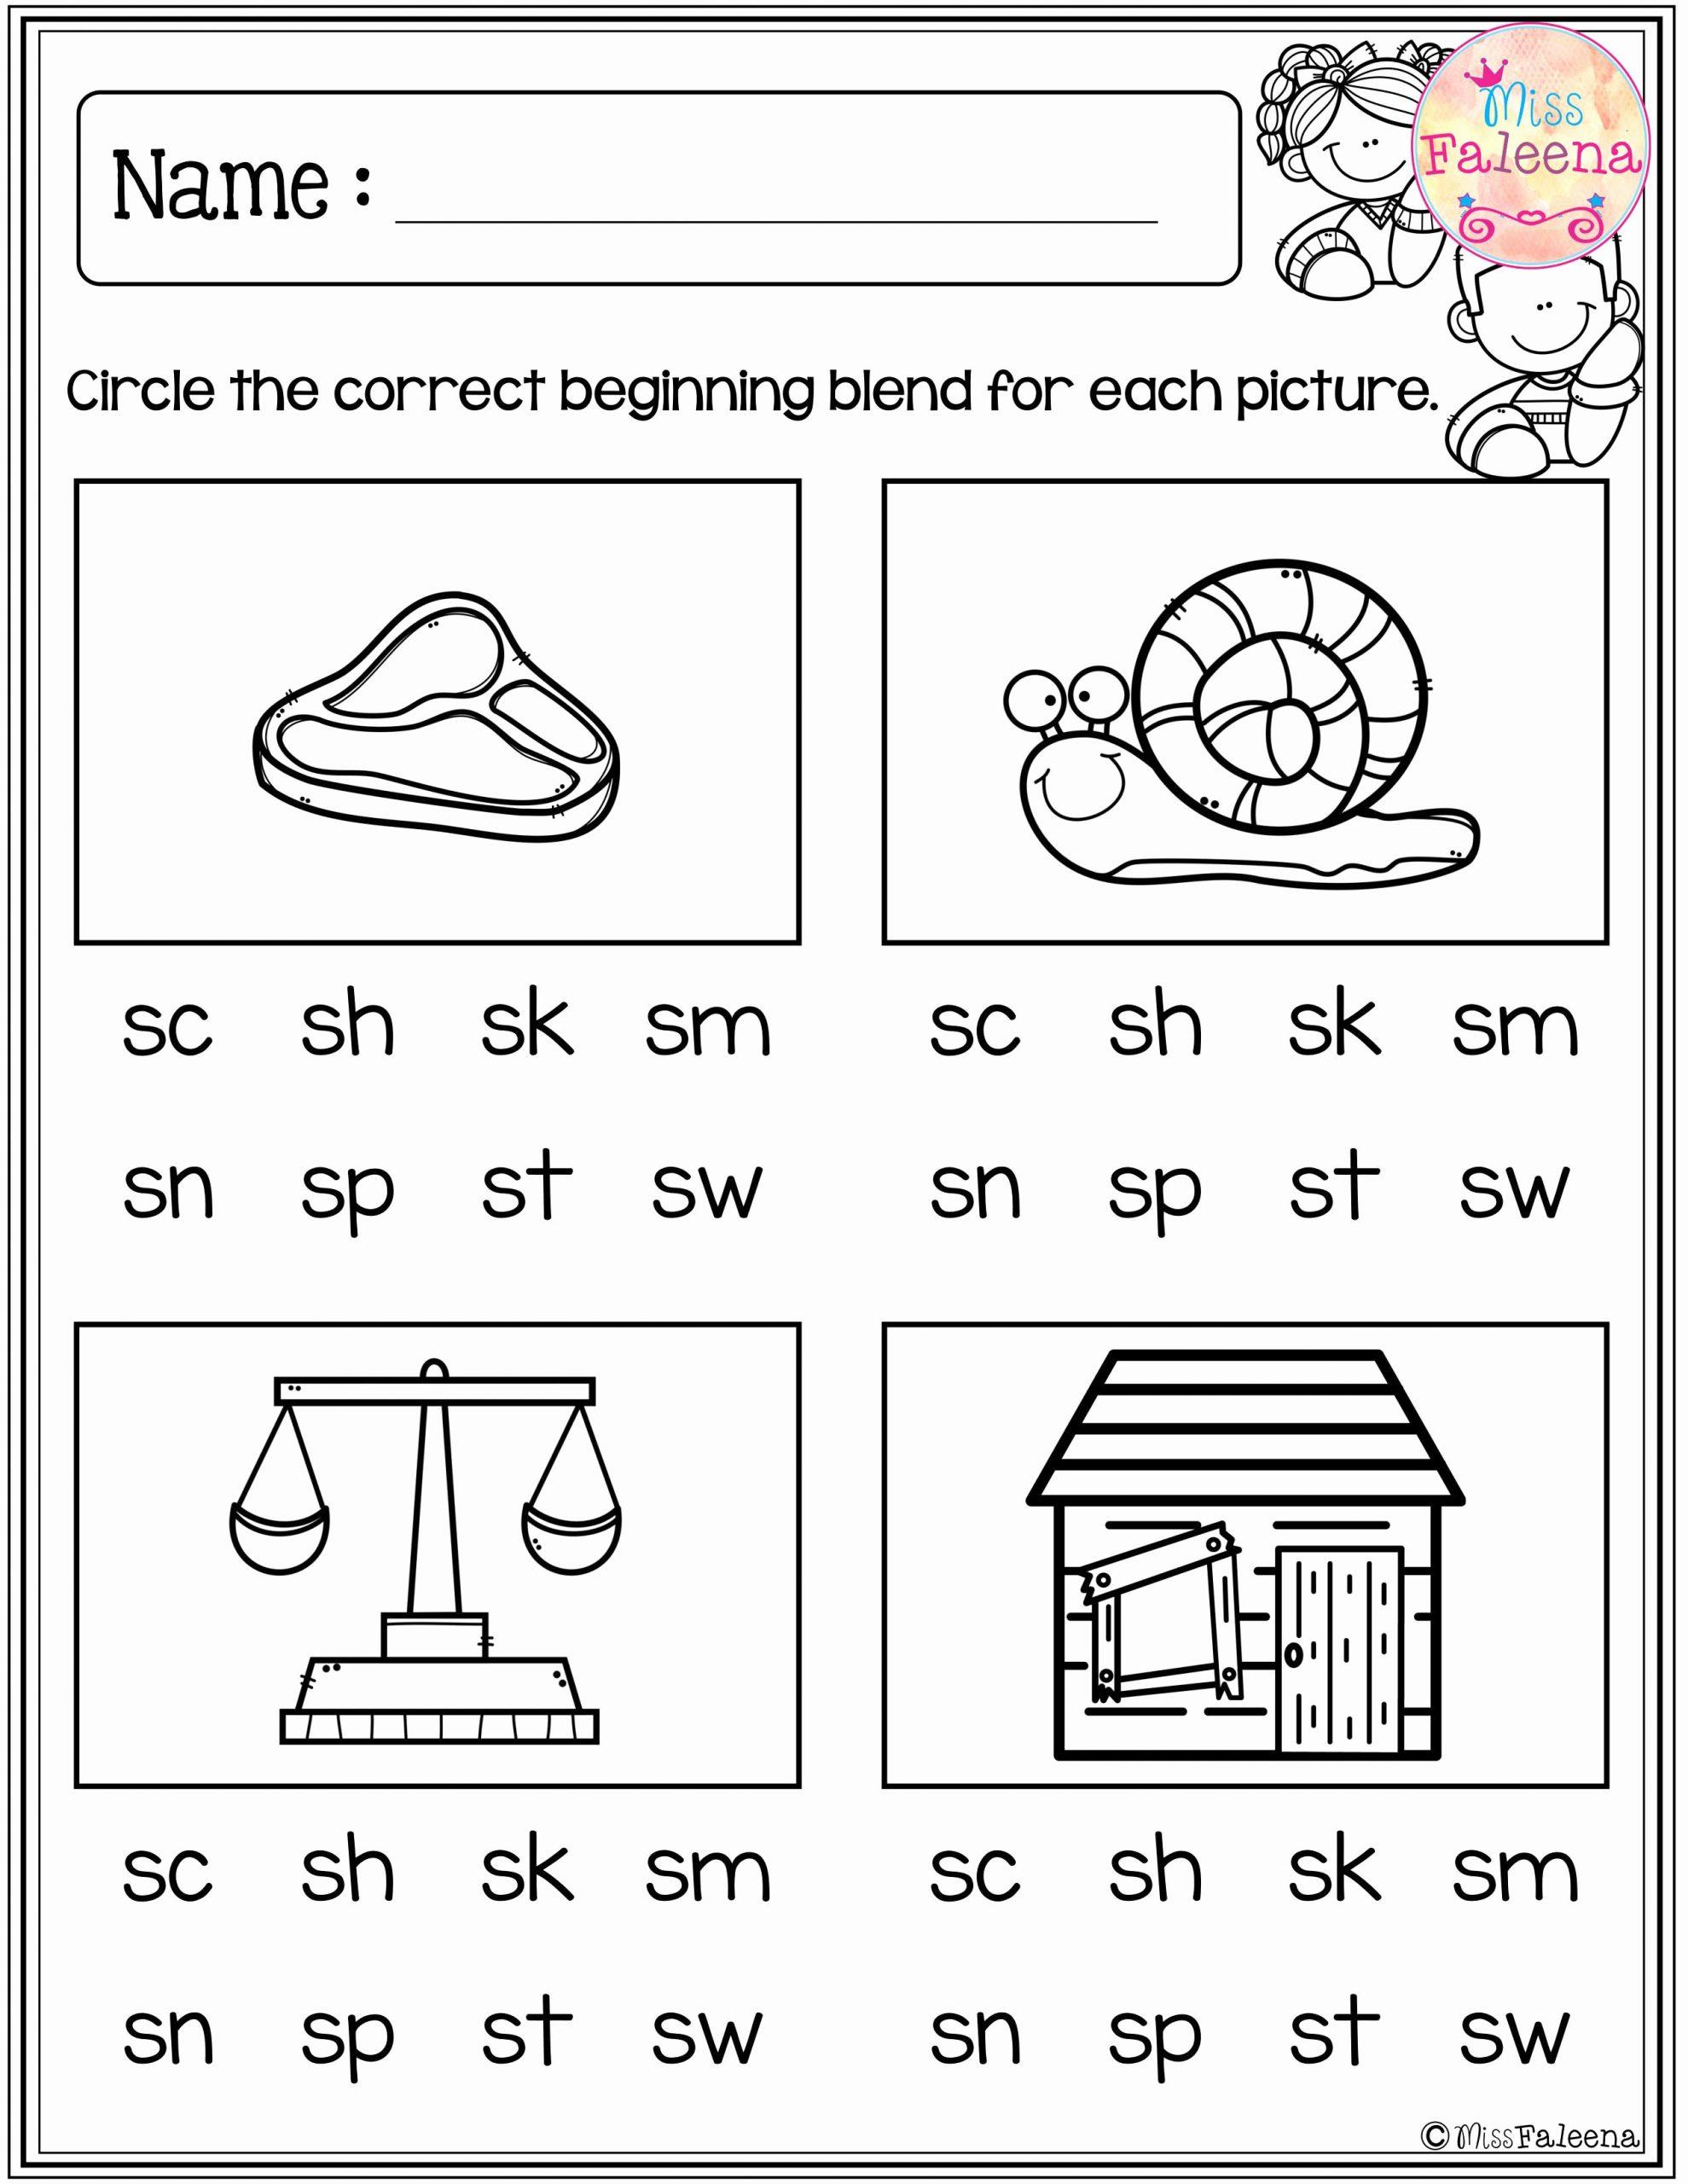 Blends Worksheet for First Grade Beautiful First Grade Beginning Blends Worksheets thekidsworksheet